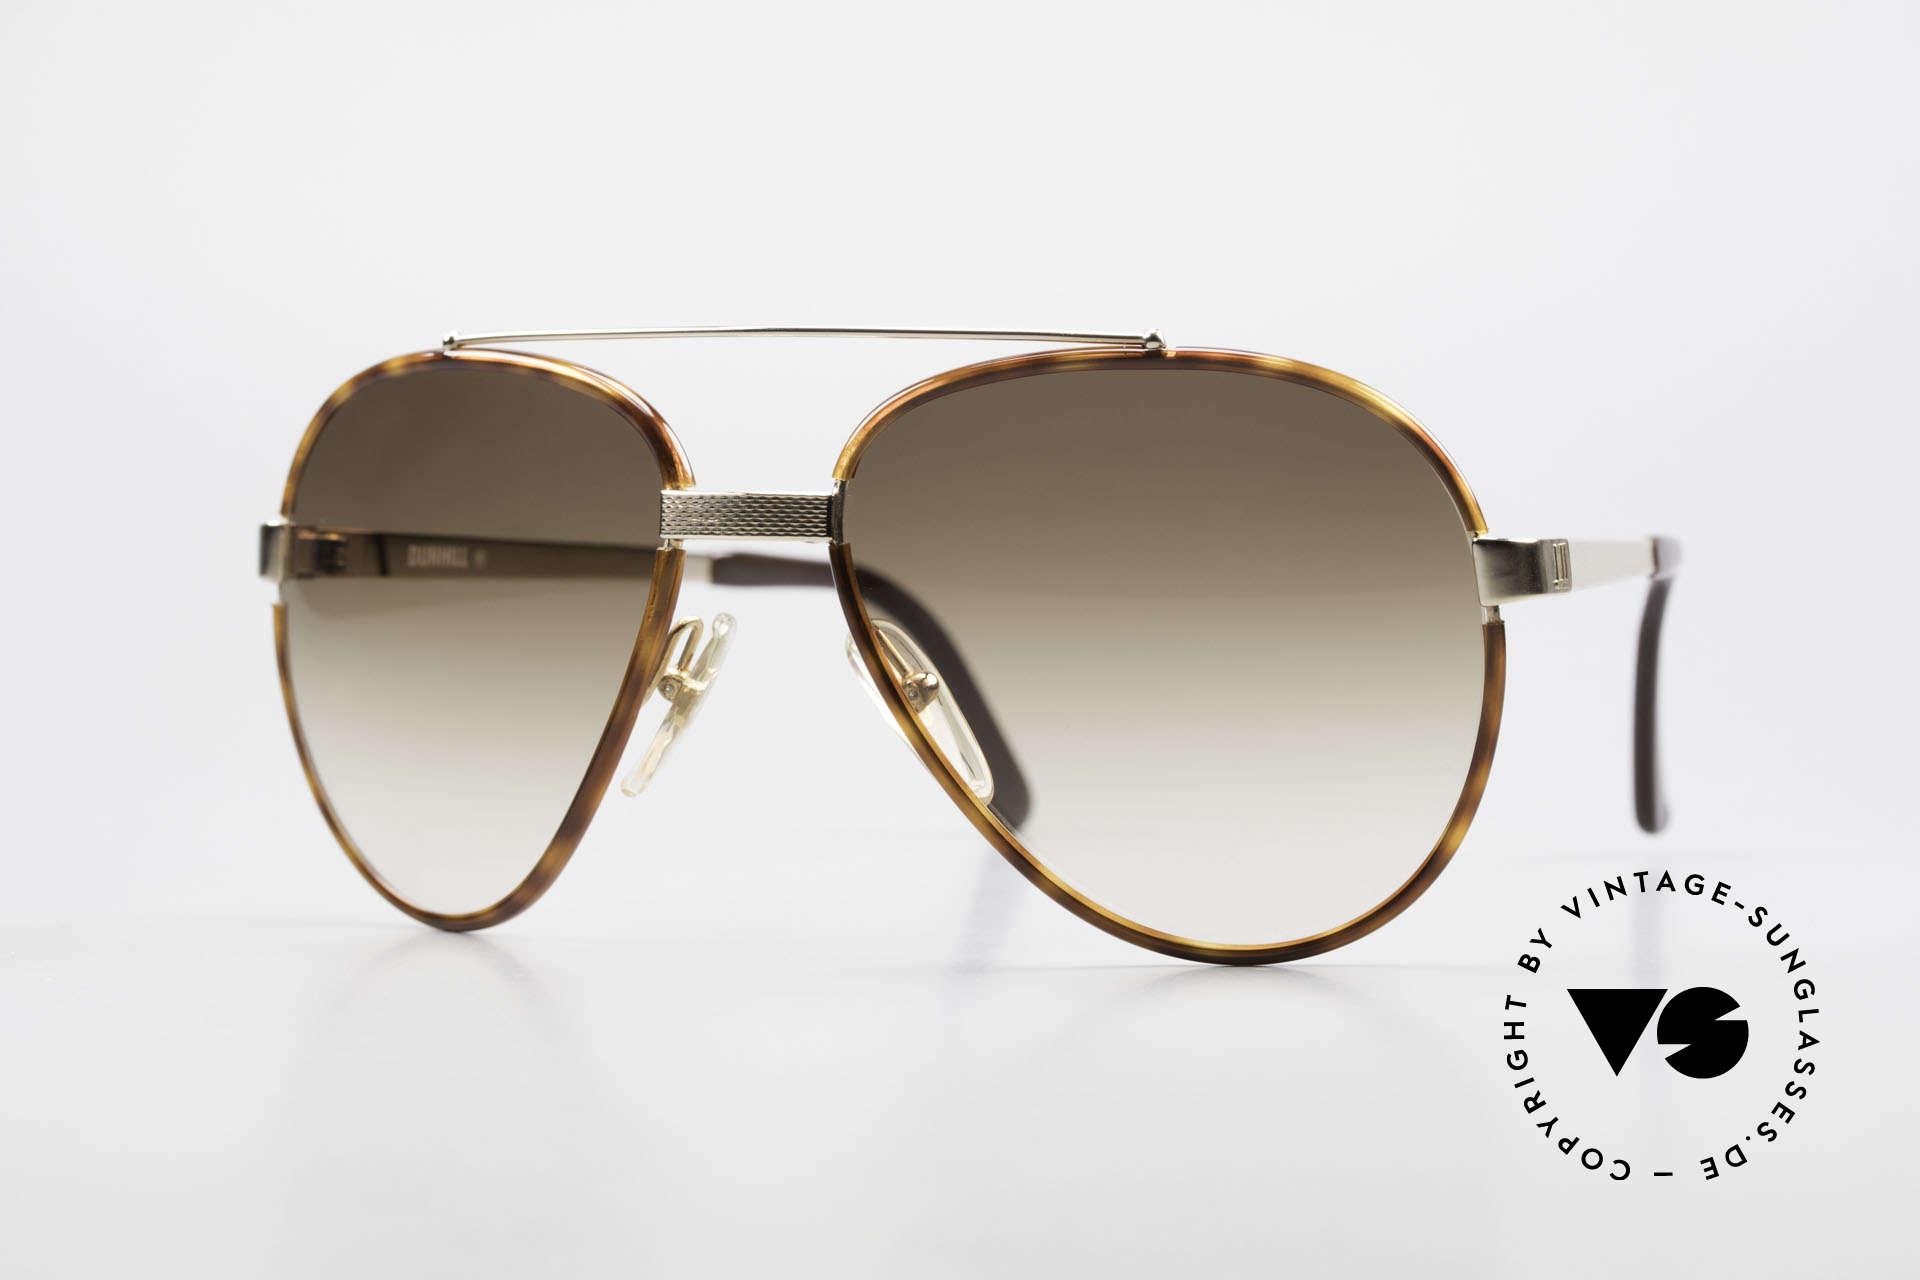 Dunhill 6023 80er Sonnenbrille Herren Luxus, 80er Dunhill vintage Sonnenbrille: 6023, 58/17, Passend für Herren